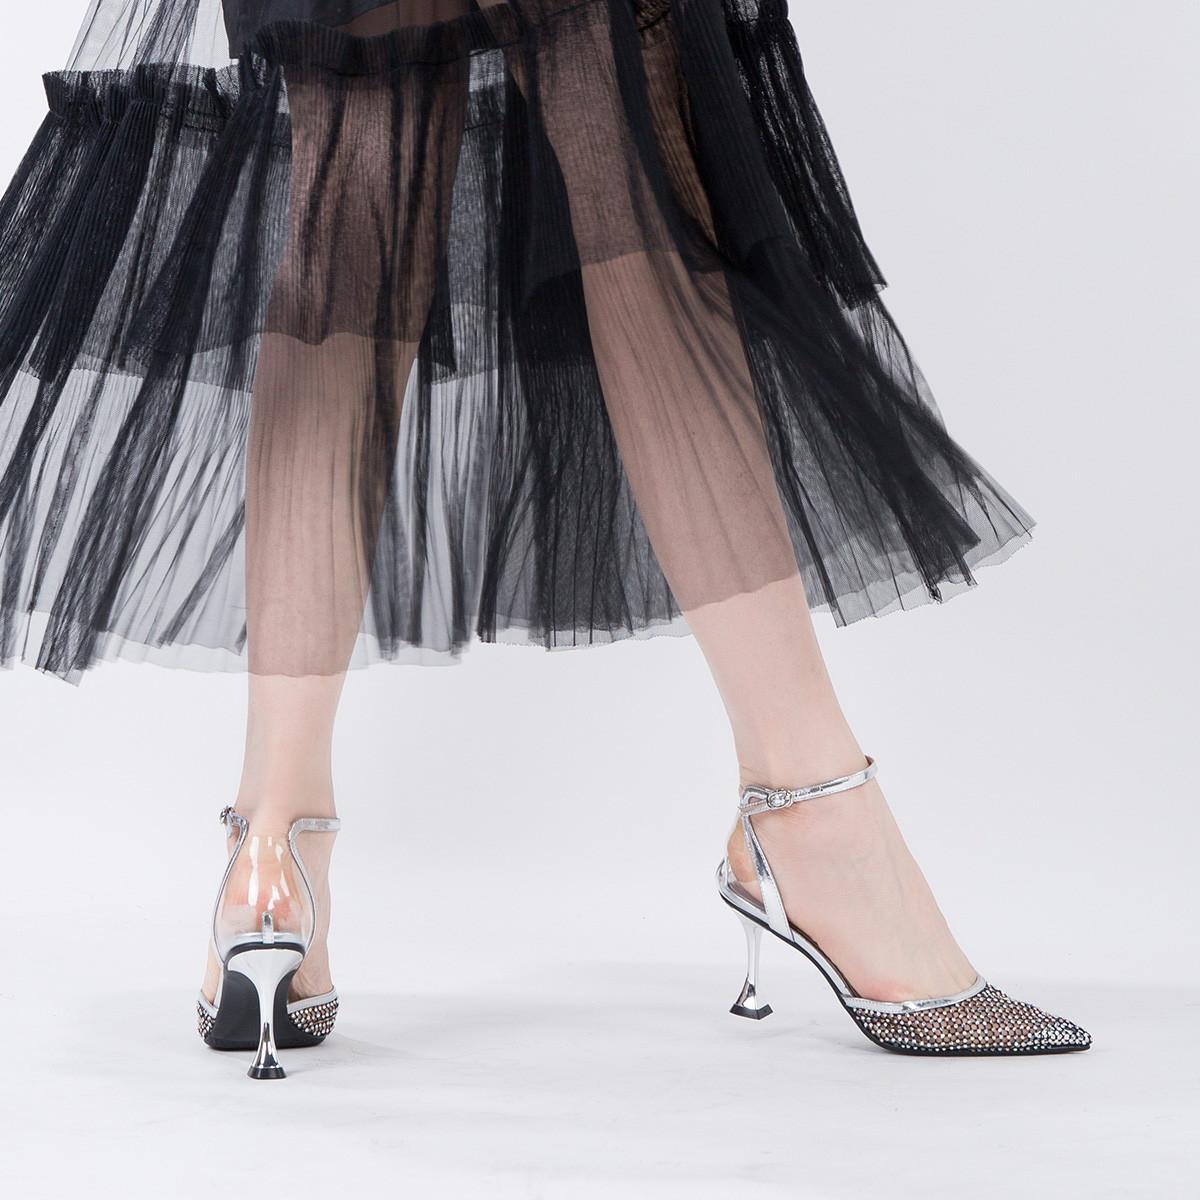 沙驰19年新品  双层网纱镶钻精致优雅高跟鞋透明包跟性感半凉鞋9A21008110